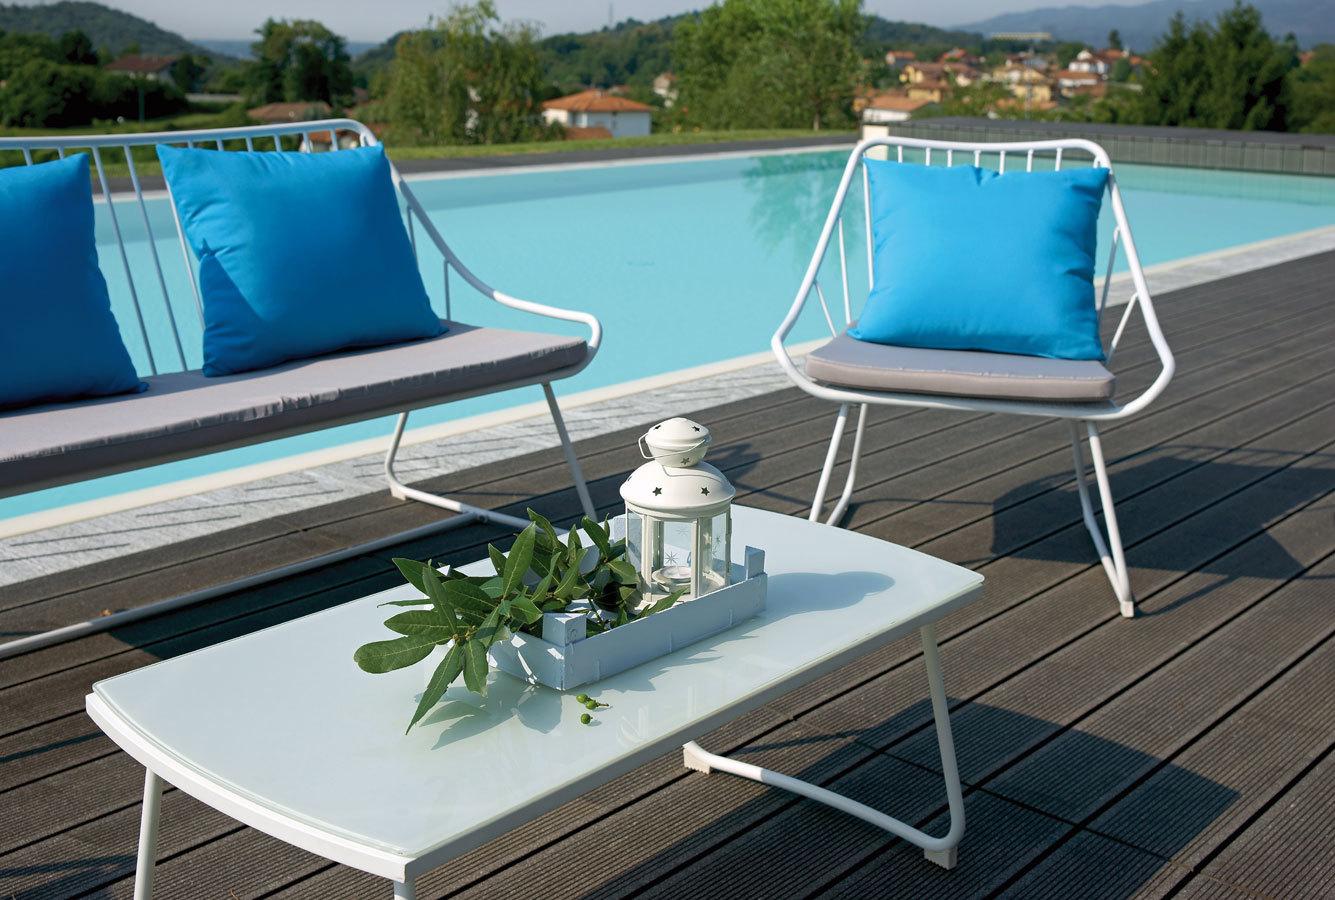 Dimensioni larghezza tavolo 45 cm lunghezza tavolo 90 cm for Altezza sedia